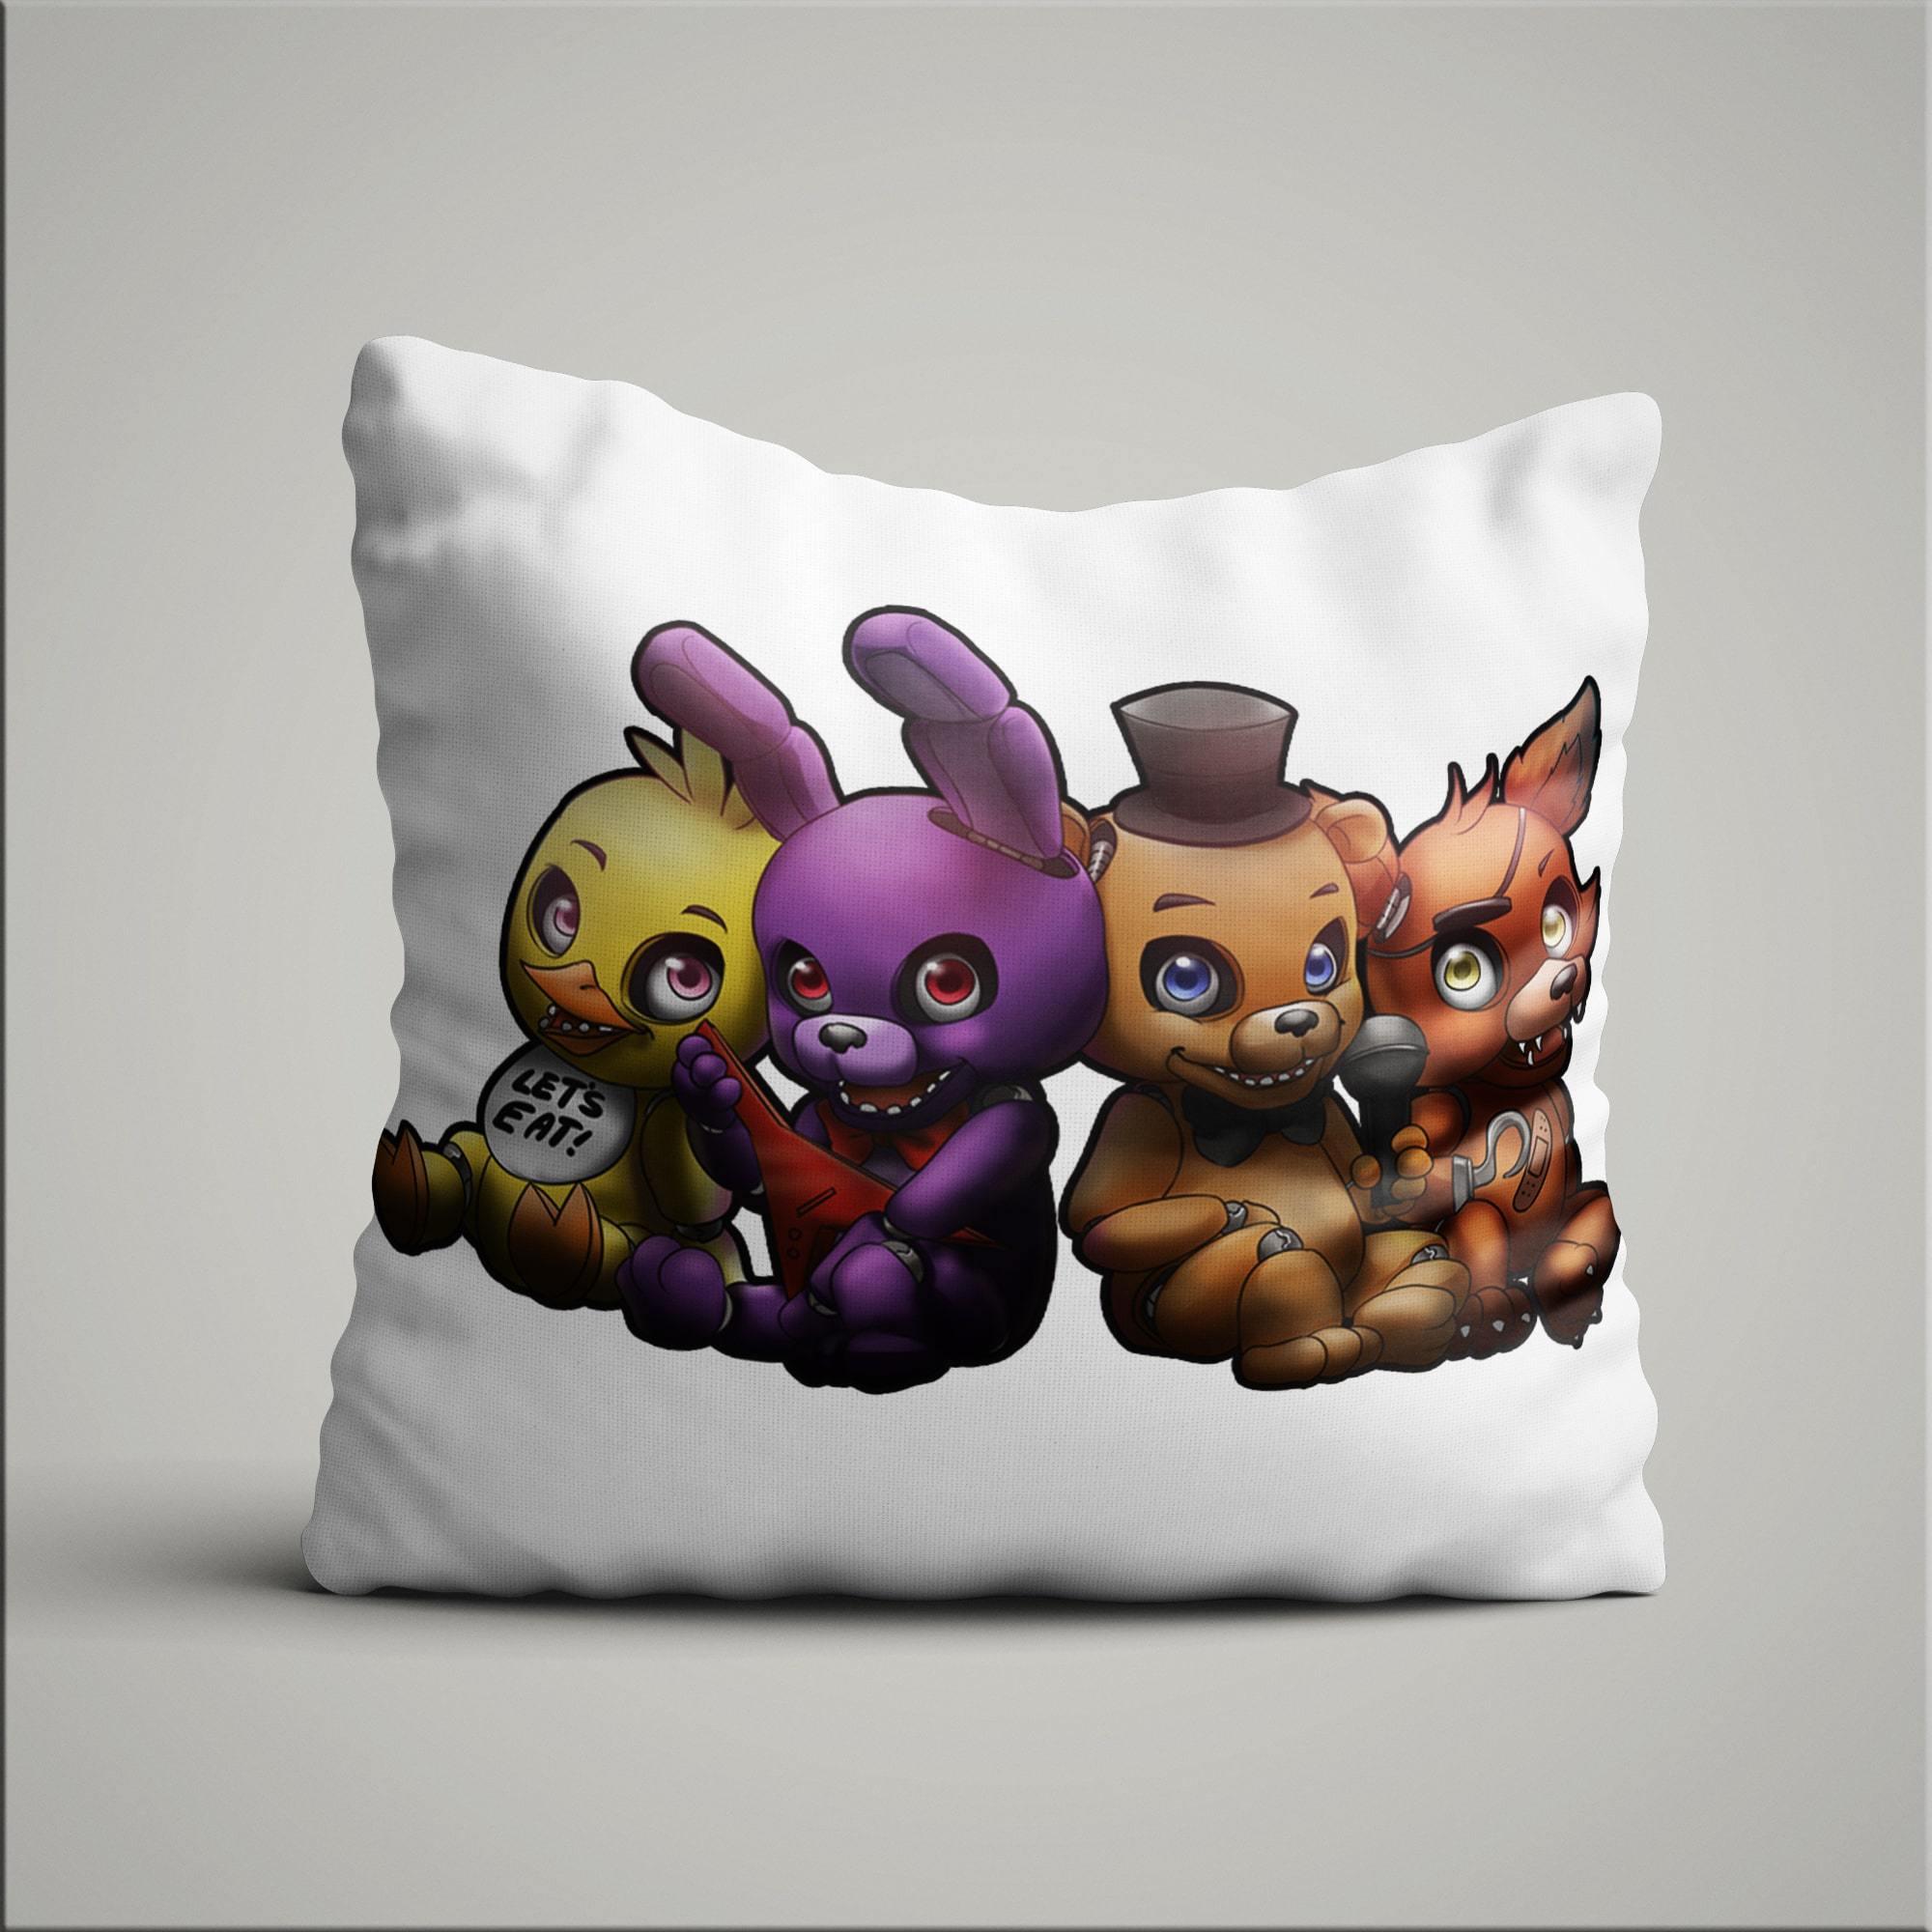 Подушка с героями ФНАФ №3 - купить в интернет-магазине kinoshop24.ru